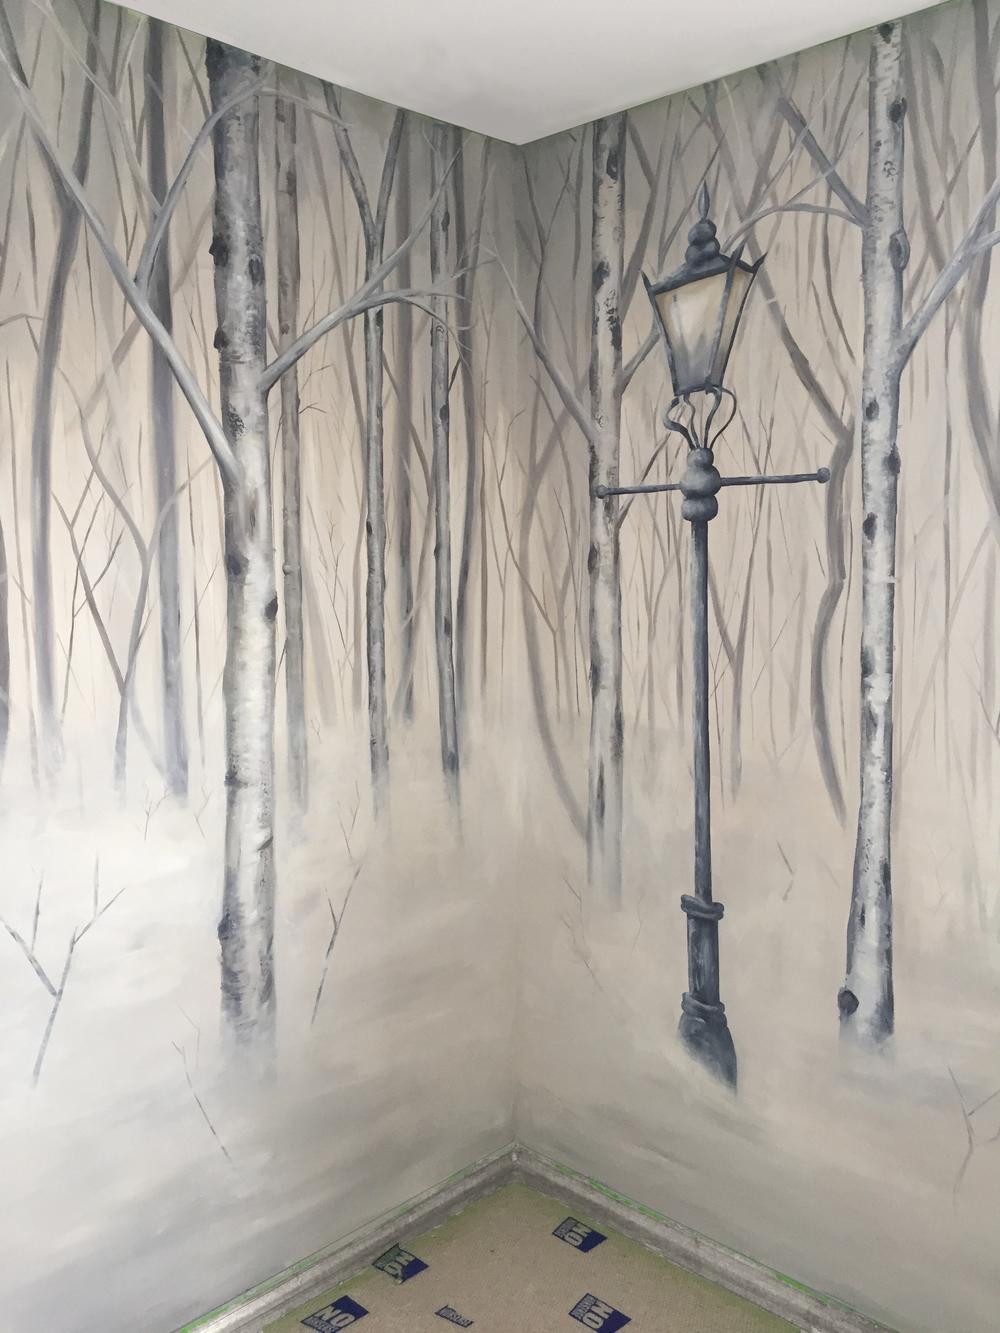 Narnia Bedroom Mural